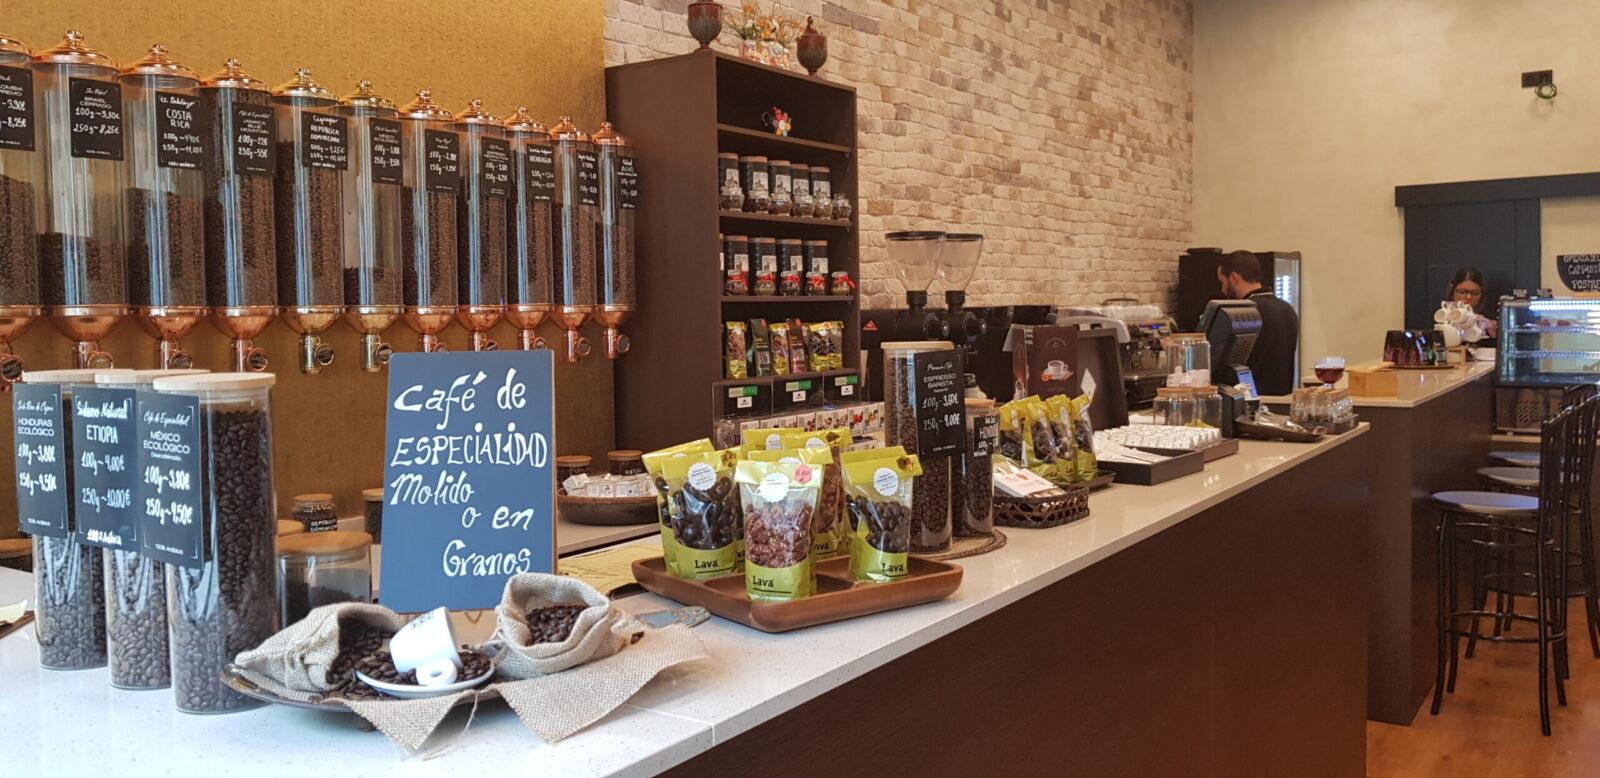 cafe mostrador